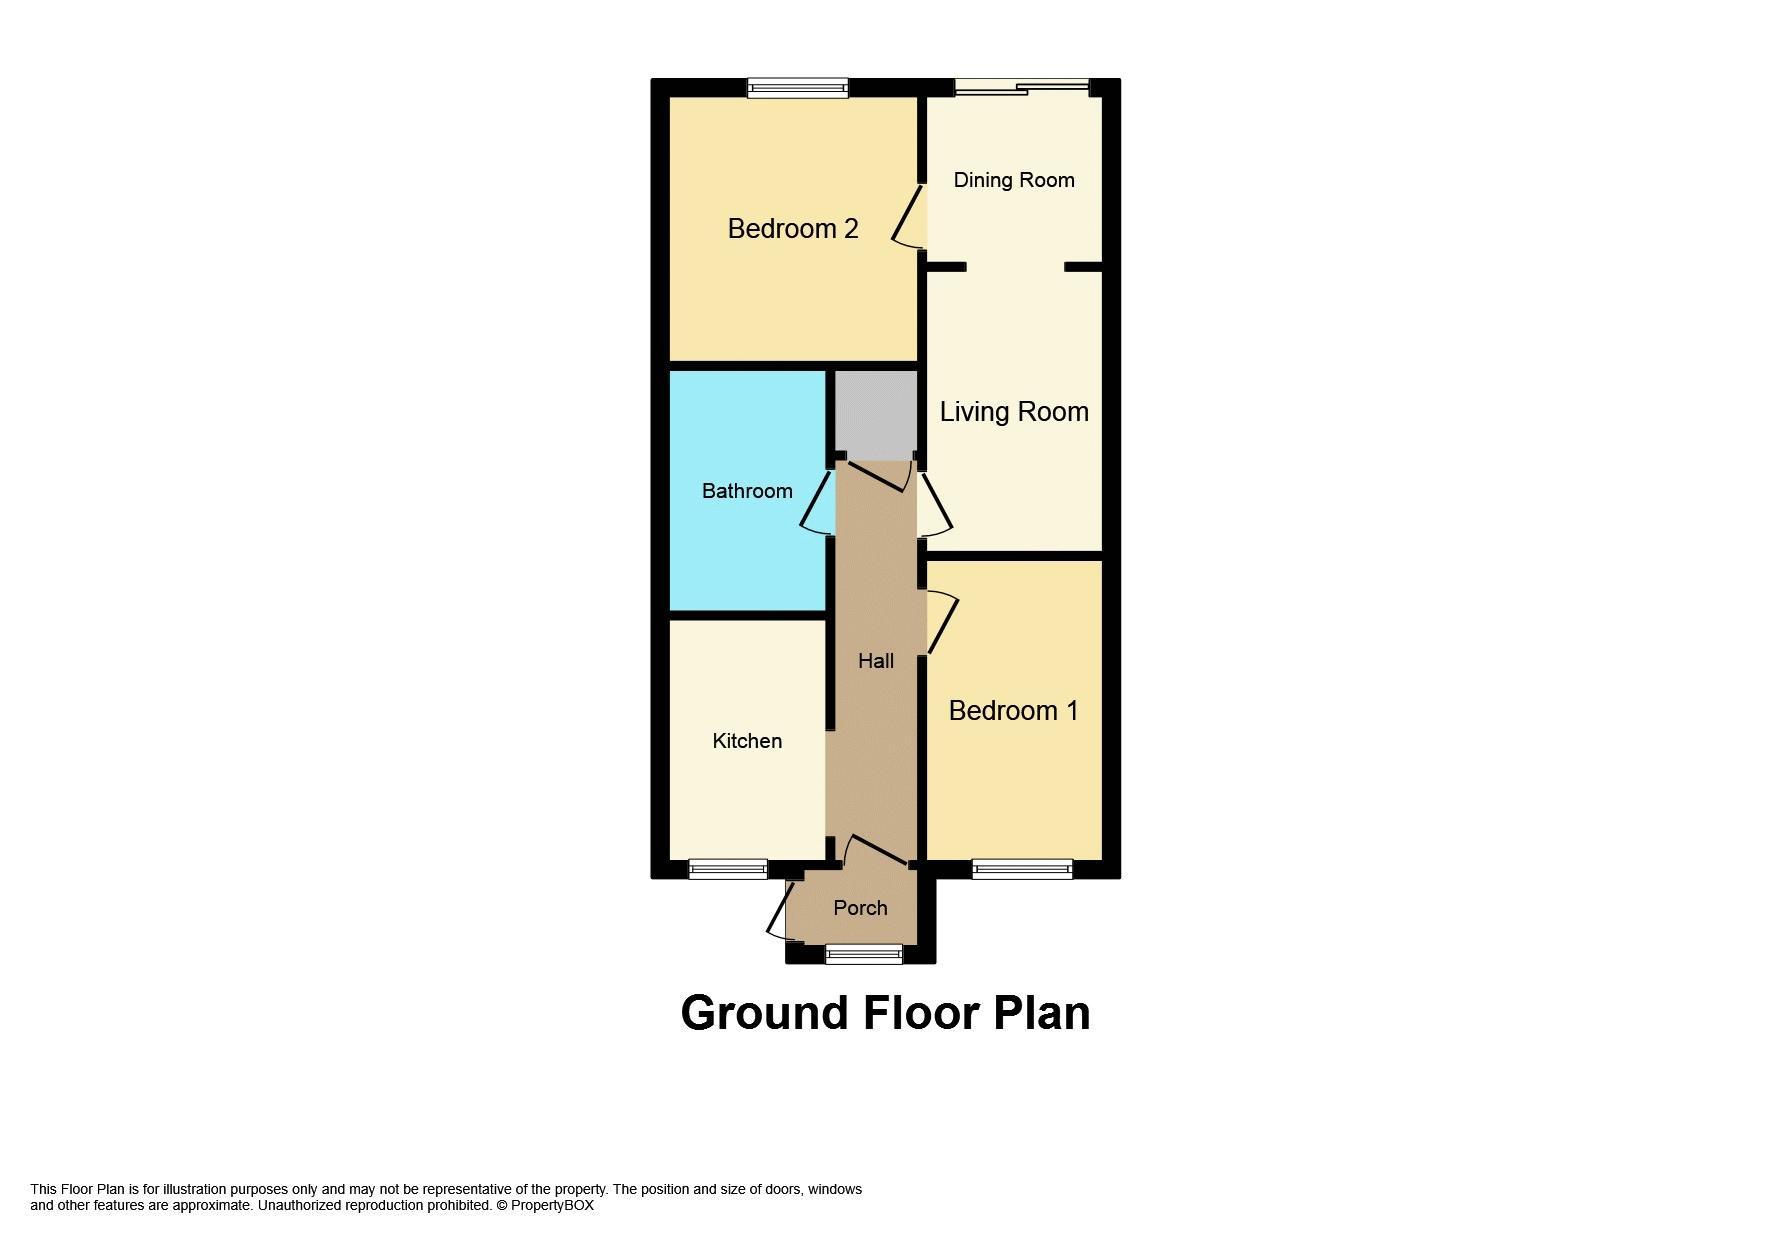 48 Parkway Floorplan